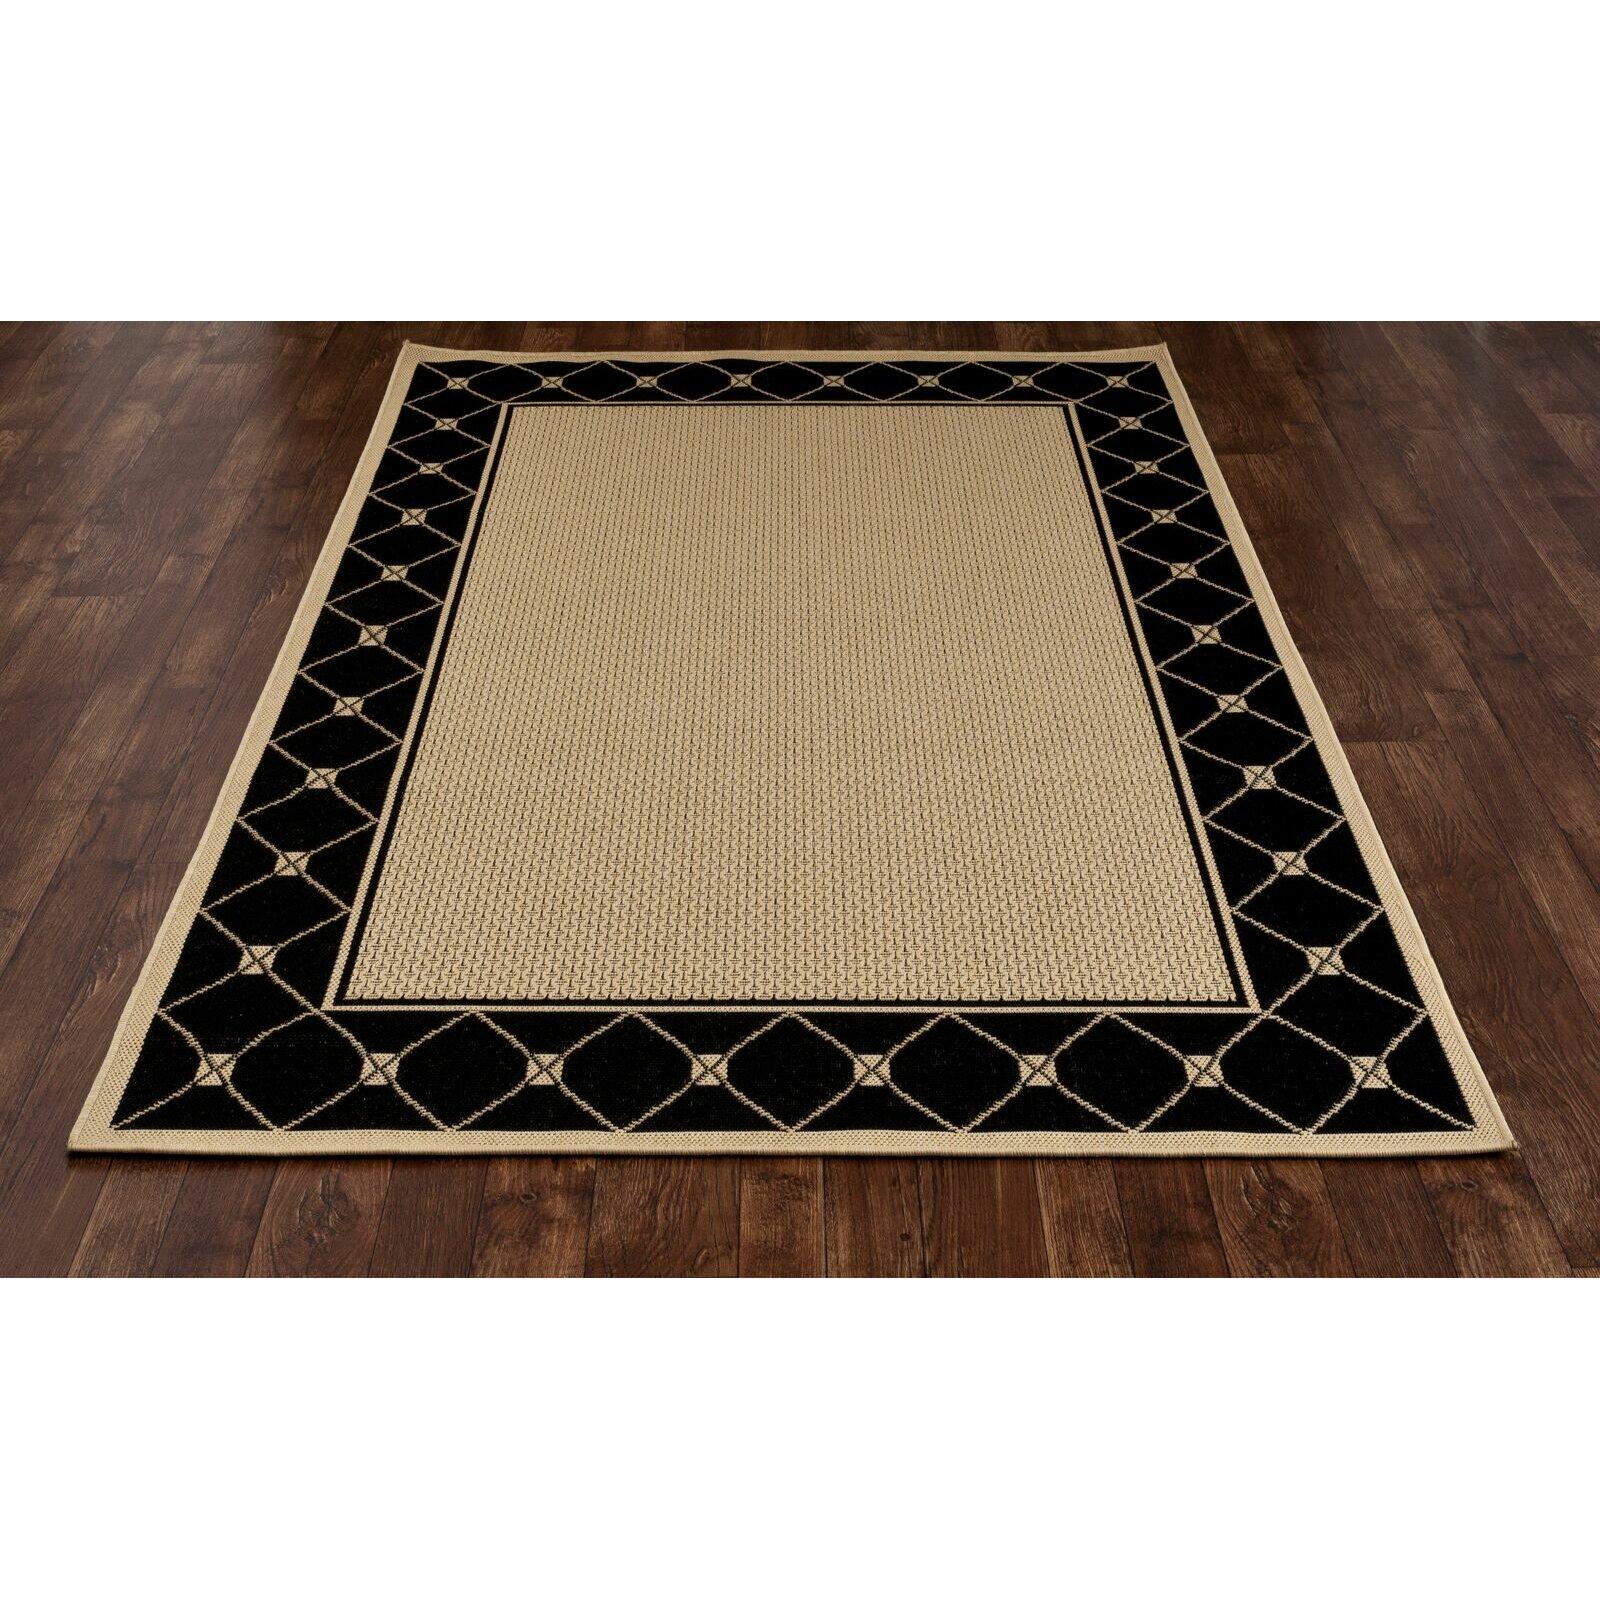 Art Carpet Plymouth Black Beige Indoor Outdoor Area Rug